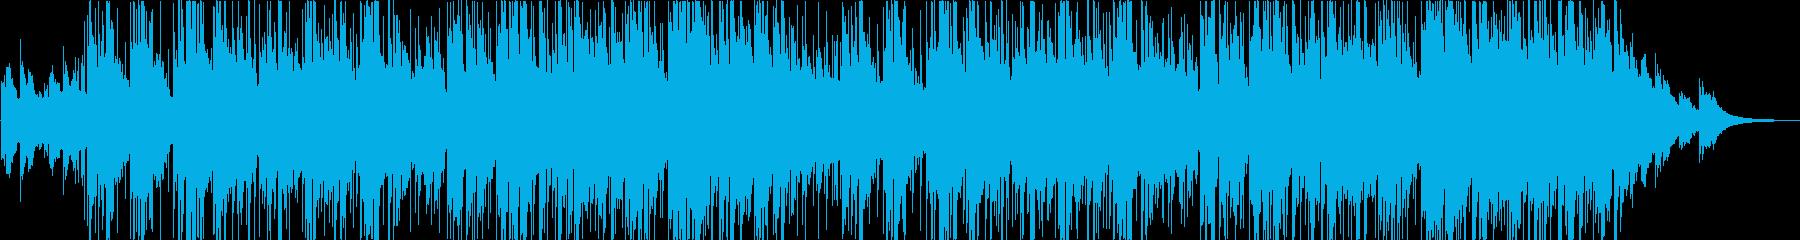 【生演奏】切なくも温かい 優しいアコギ曲の再生済みの波形